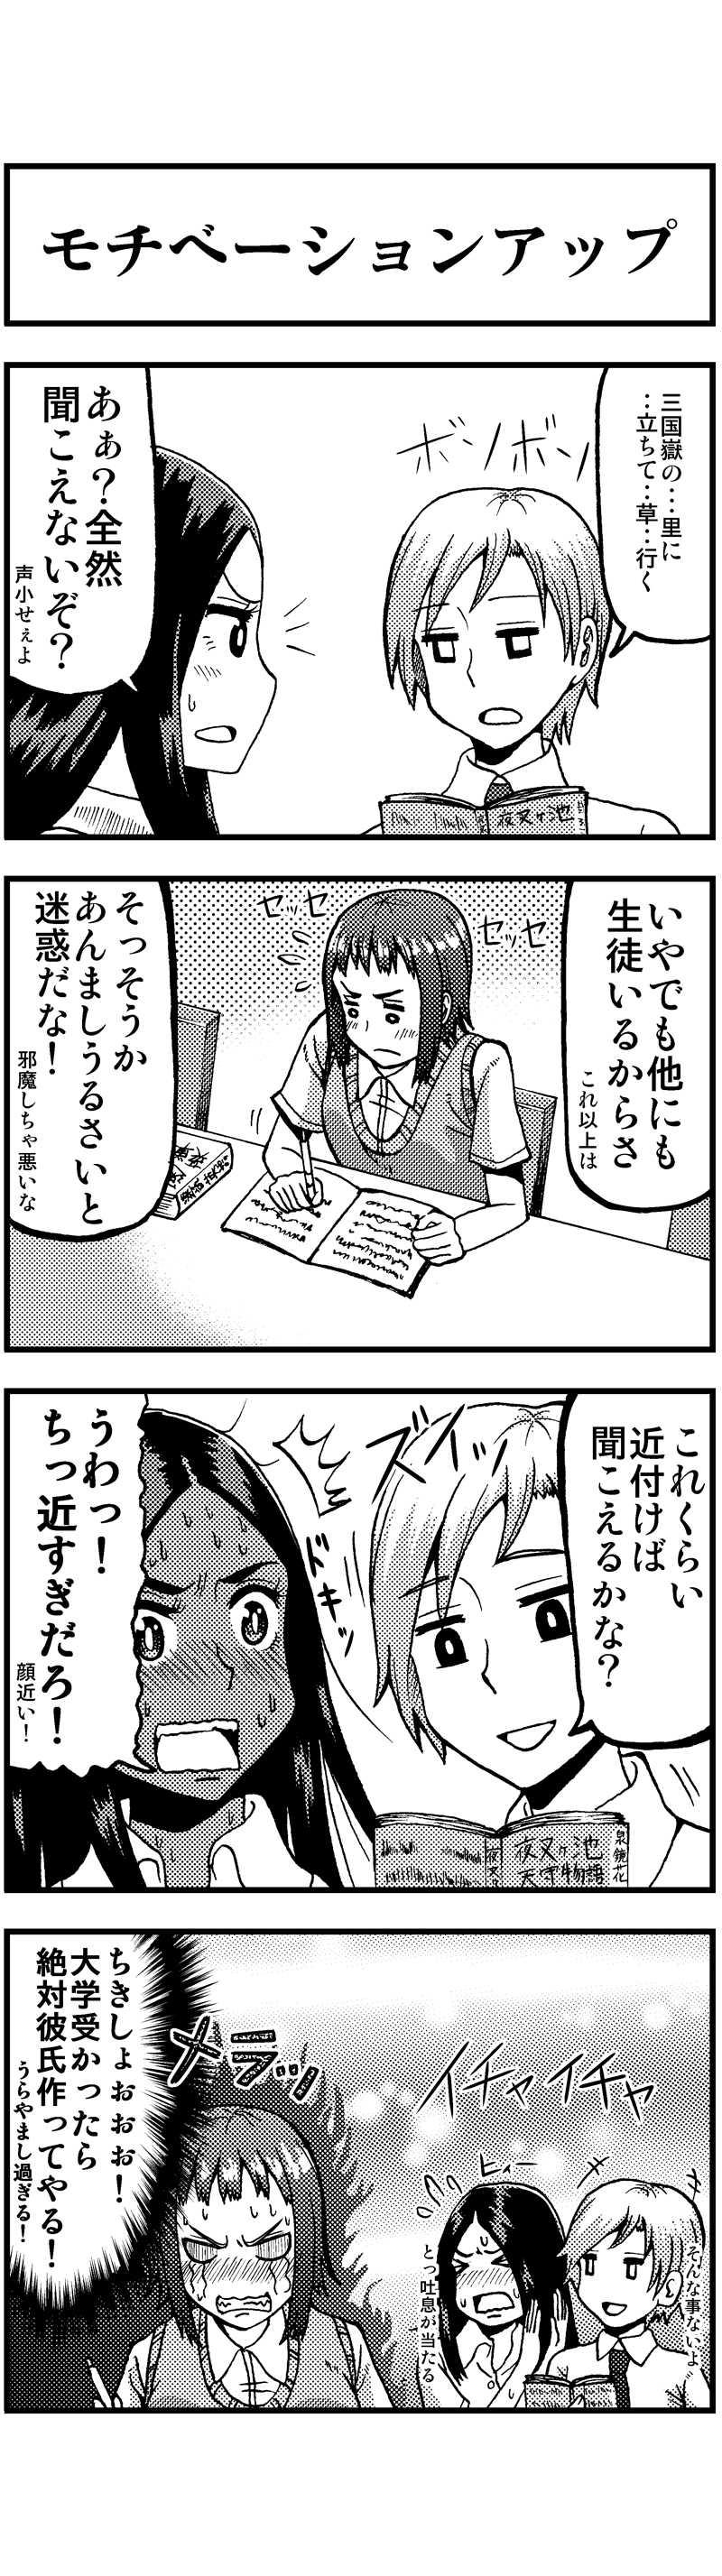 『放課後図書室デート』